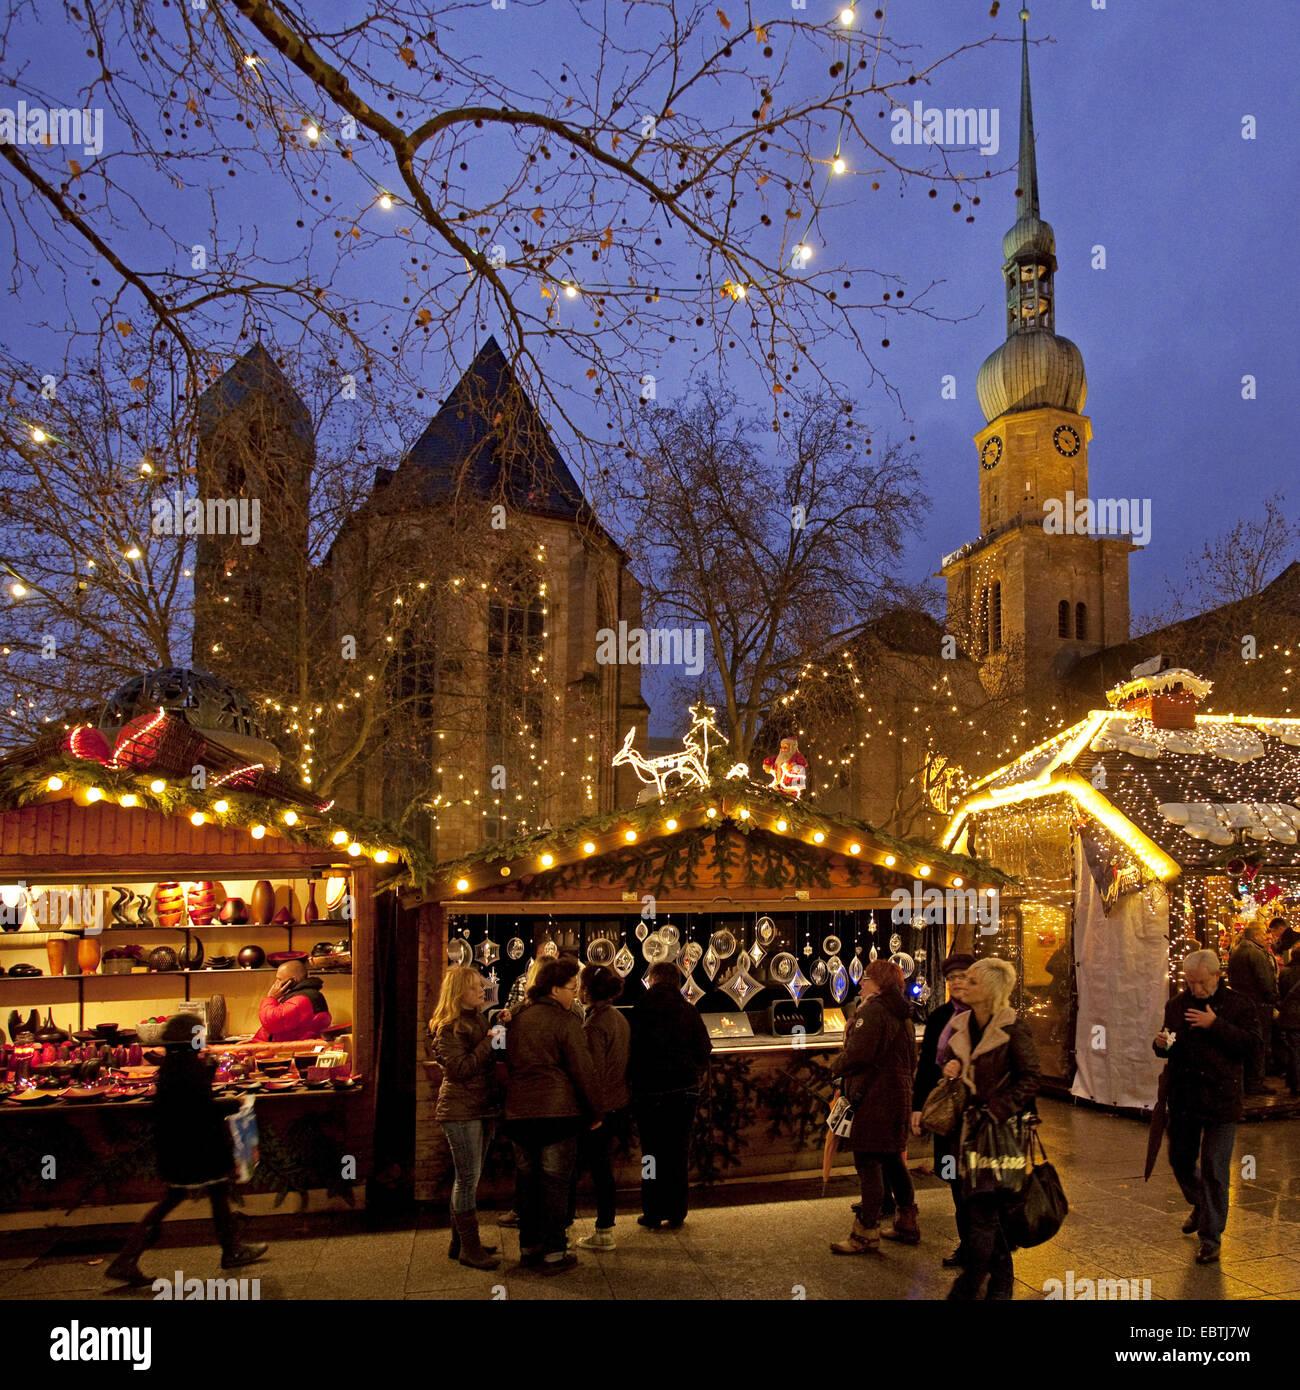 Weihnachtsmarkt In Der Innenstadt Reinoldikirche Und